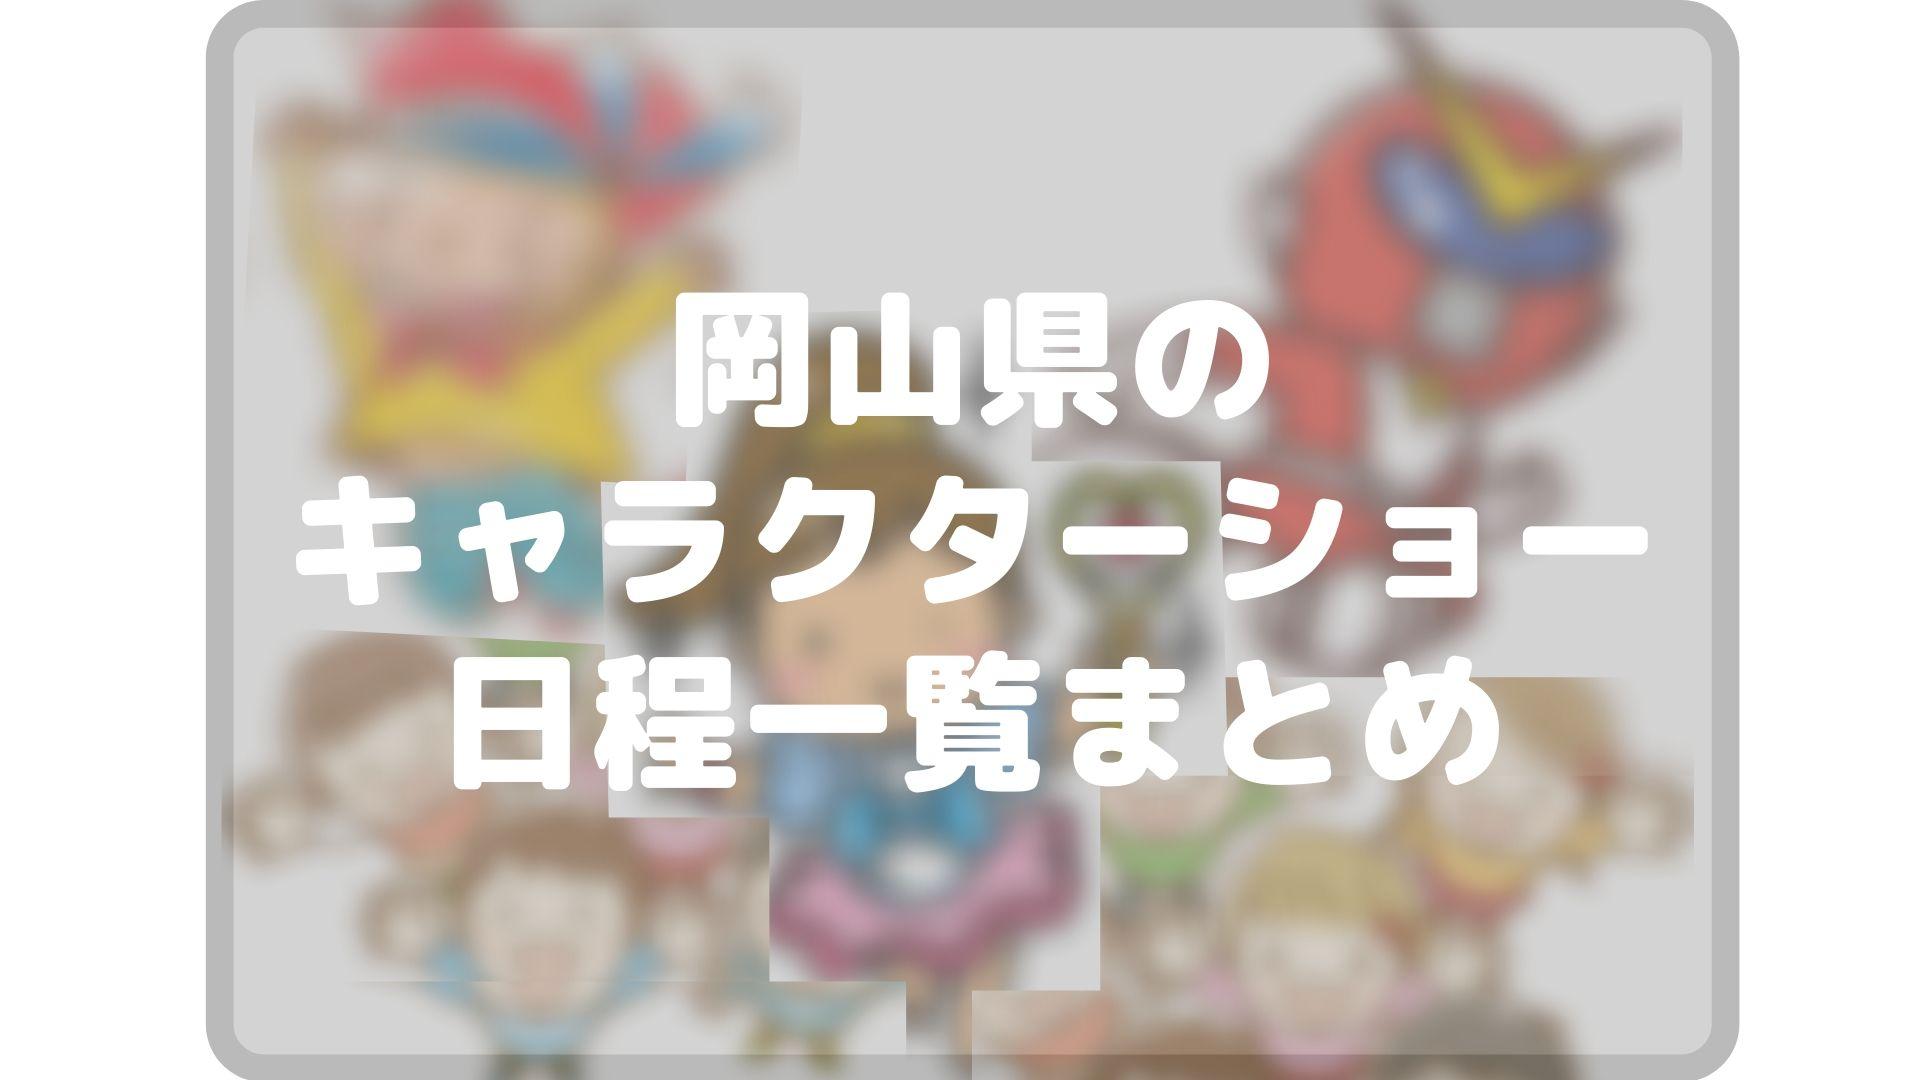 岡山県のキャラクターショーまとめタイトル画像